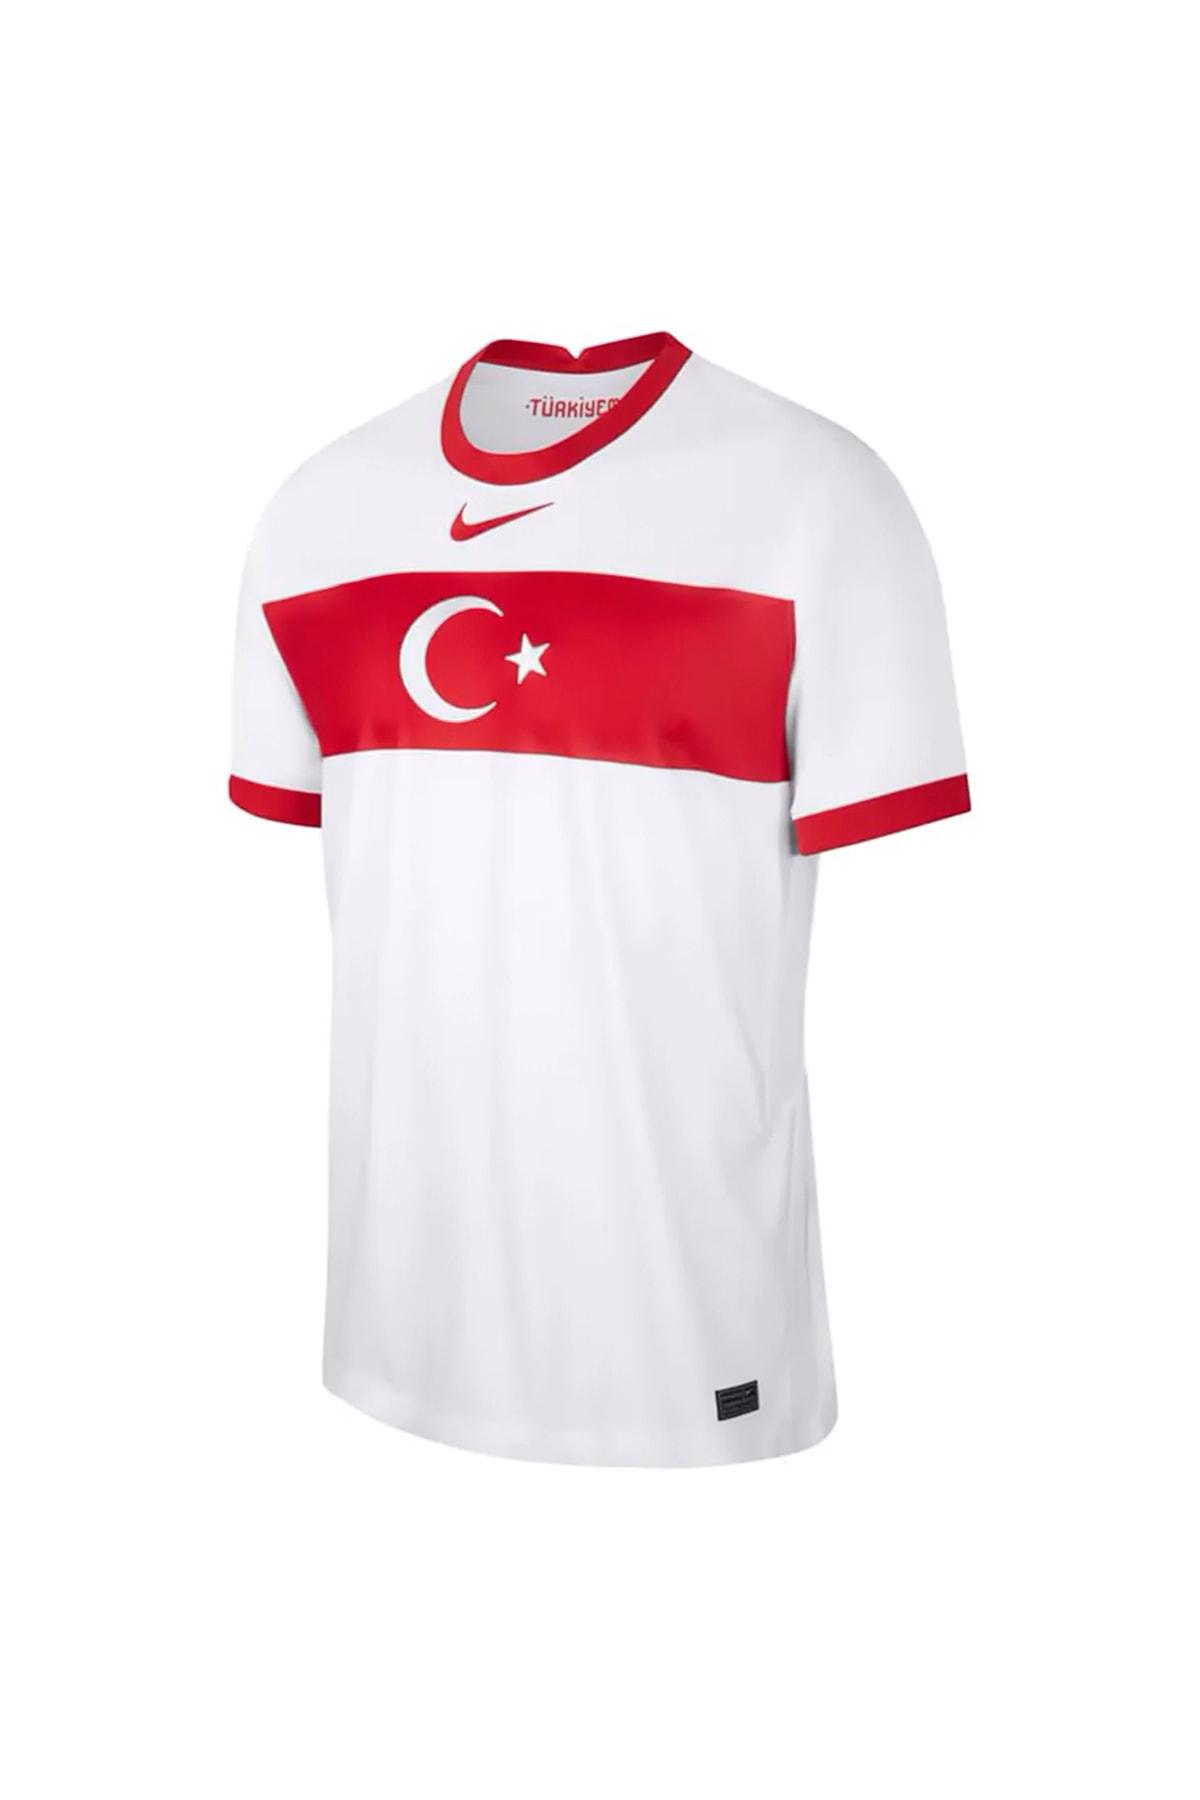 Nike Türkiye Milli Takım İç Saha Erkek Futbol Forması Euro 2020 - Euro2020